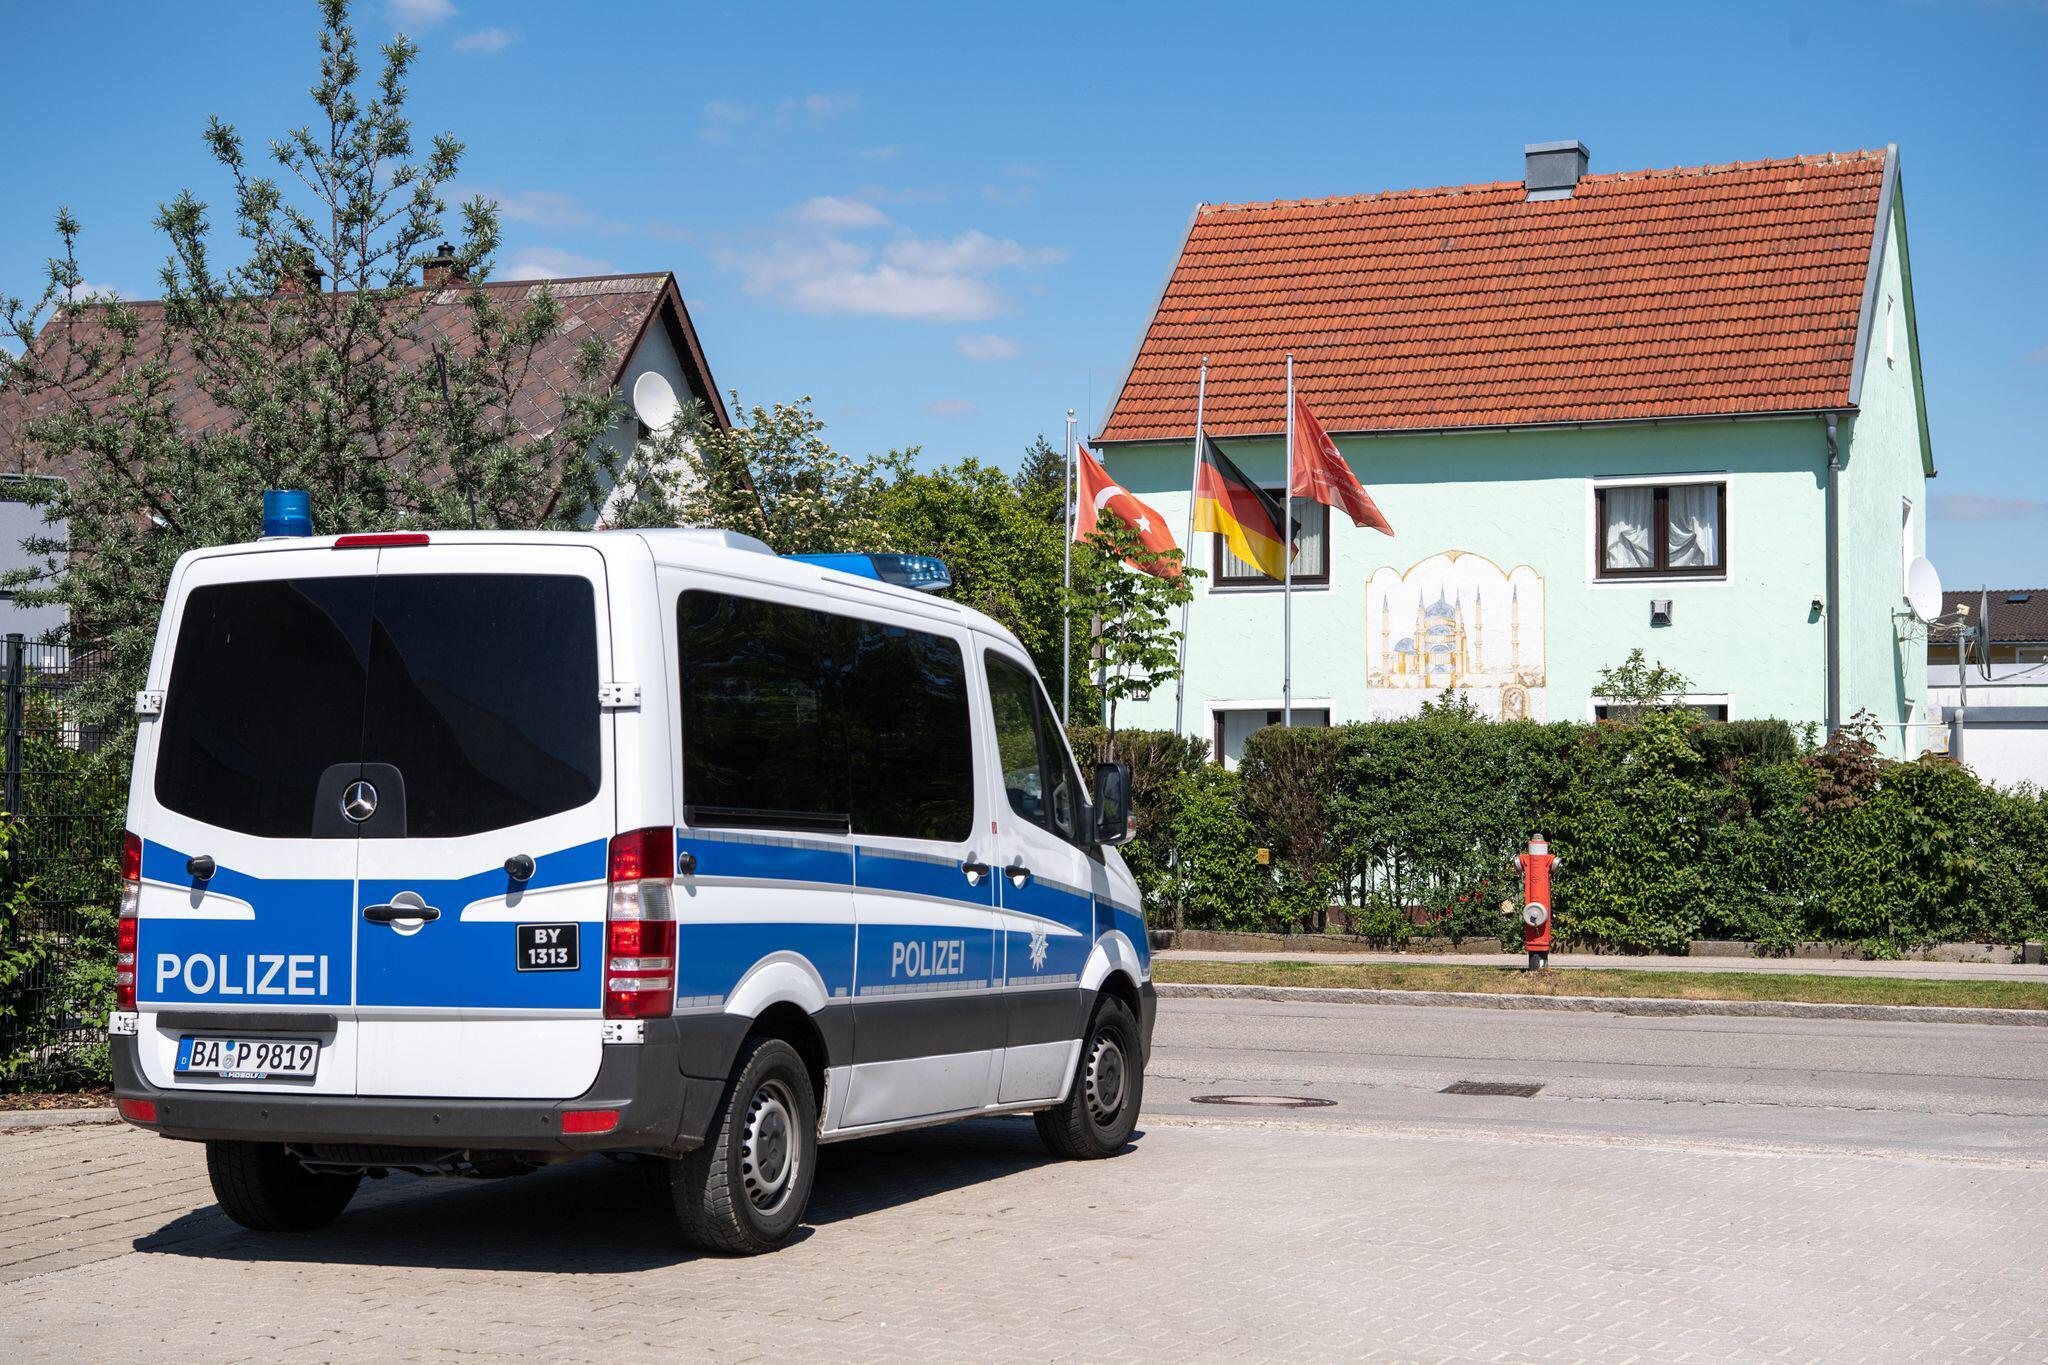 Bild zu Bericht: Verdächtiger in Waldkraiburg plante Anschläge auf Mosche